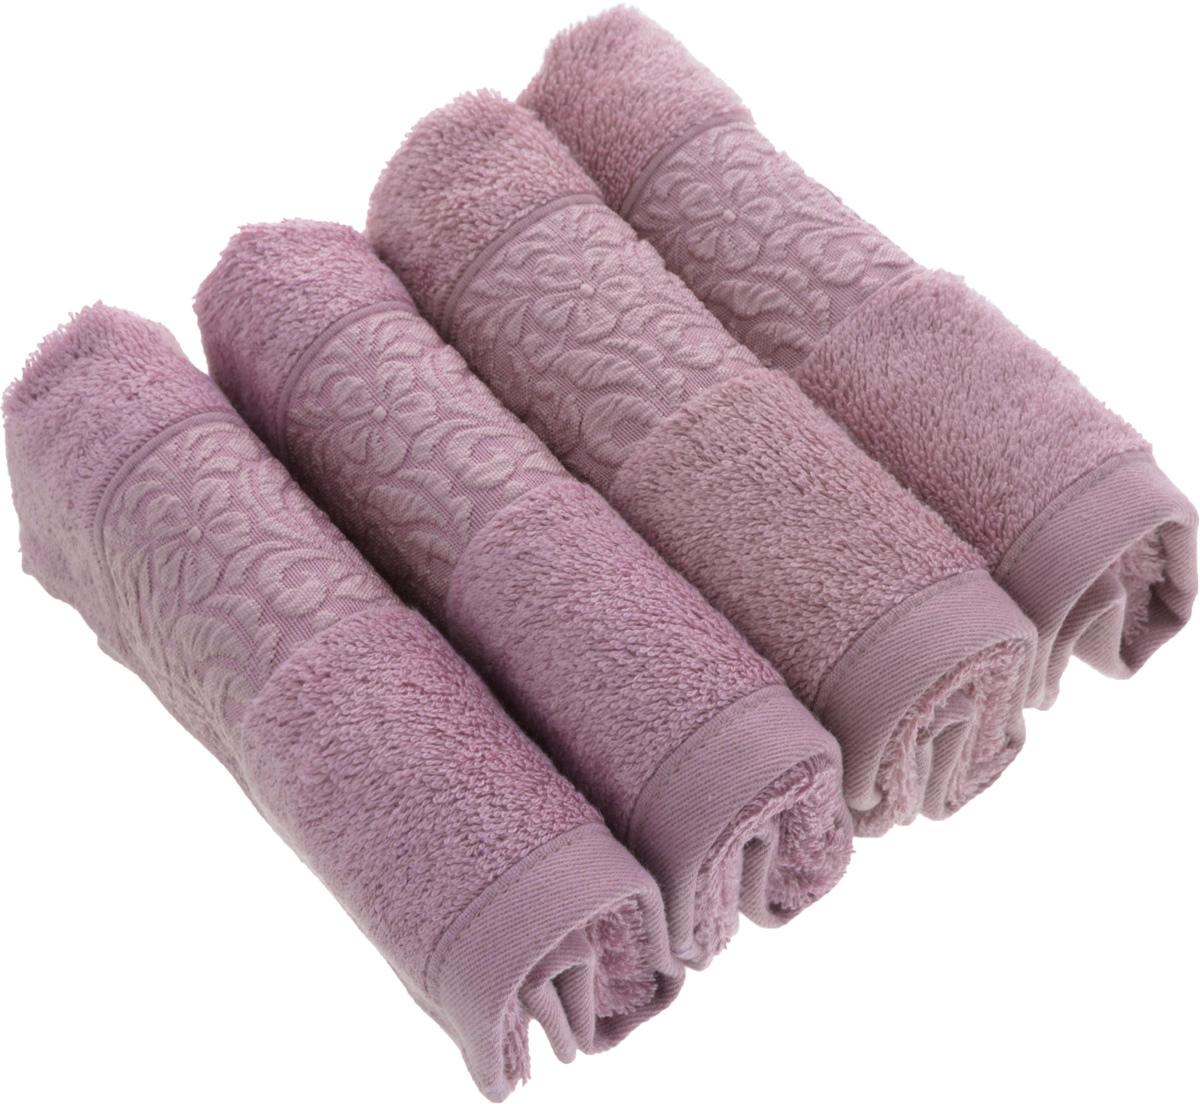 Набор бамбуковых полотенец Issimo Home Valencia, цвет: светло-пурпурный, 30 x 50 см, 4 штPARADIS I 75013-5C ANTIQUEПолотенца Issimo Home Valencia выполнены из 60% бамбукового волокна и 40% хлопка. Такими полотенцами не нужно вытираться - только коснитесь кожи - и ткань сама все впитает. Такая ткань впитывает в 3 раза лучше, чем хлопок.Набор из маленьких полотенец-салфеток очень практичен - он станет незаменимым в дороге и в путешествиях. Кроме того, это хороший, красивый и изысканный подарок.Несмотря на богатую плотность и высокую петлю полотенец, они быстро сохнут, остаются легкими даже при намокании.Набор бамбуковых полотенец имеет красивый жаккардовый бордюр, выполненный с орнаментом в цвет изделия. Благородные, классические тона создадут уют и подчеркнут лучшие качества махровой ткани, а сочные, яркие, летние оттенки создадут ощущение праздника и наполнят дом энергией. Красивая, стильная упаковка этих полотенец делает их уже готовым подарком к любому случаю.